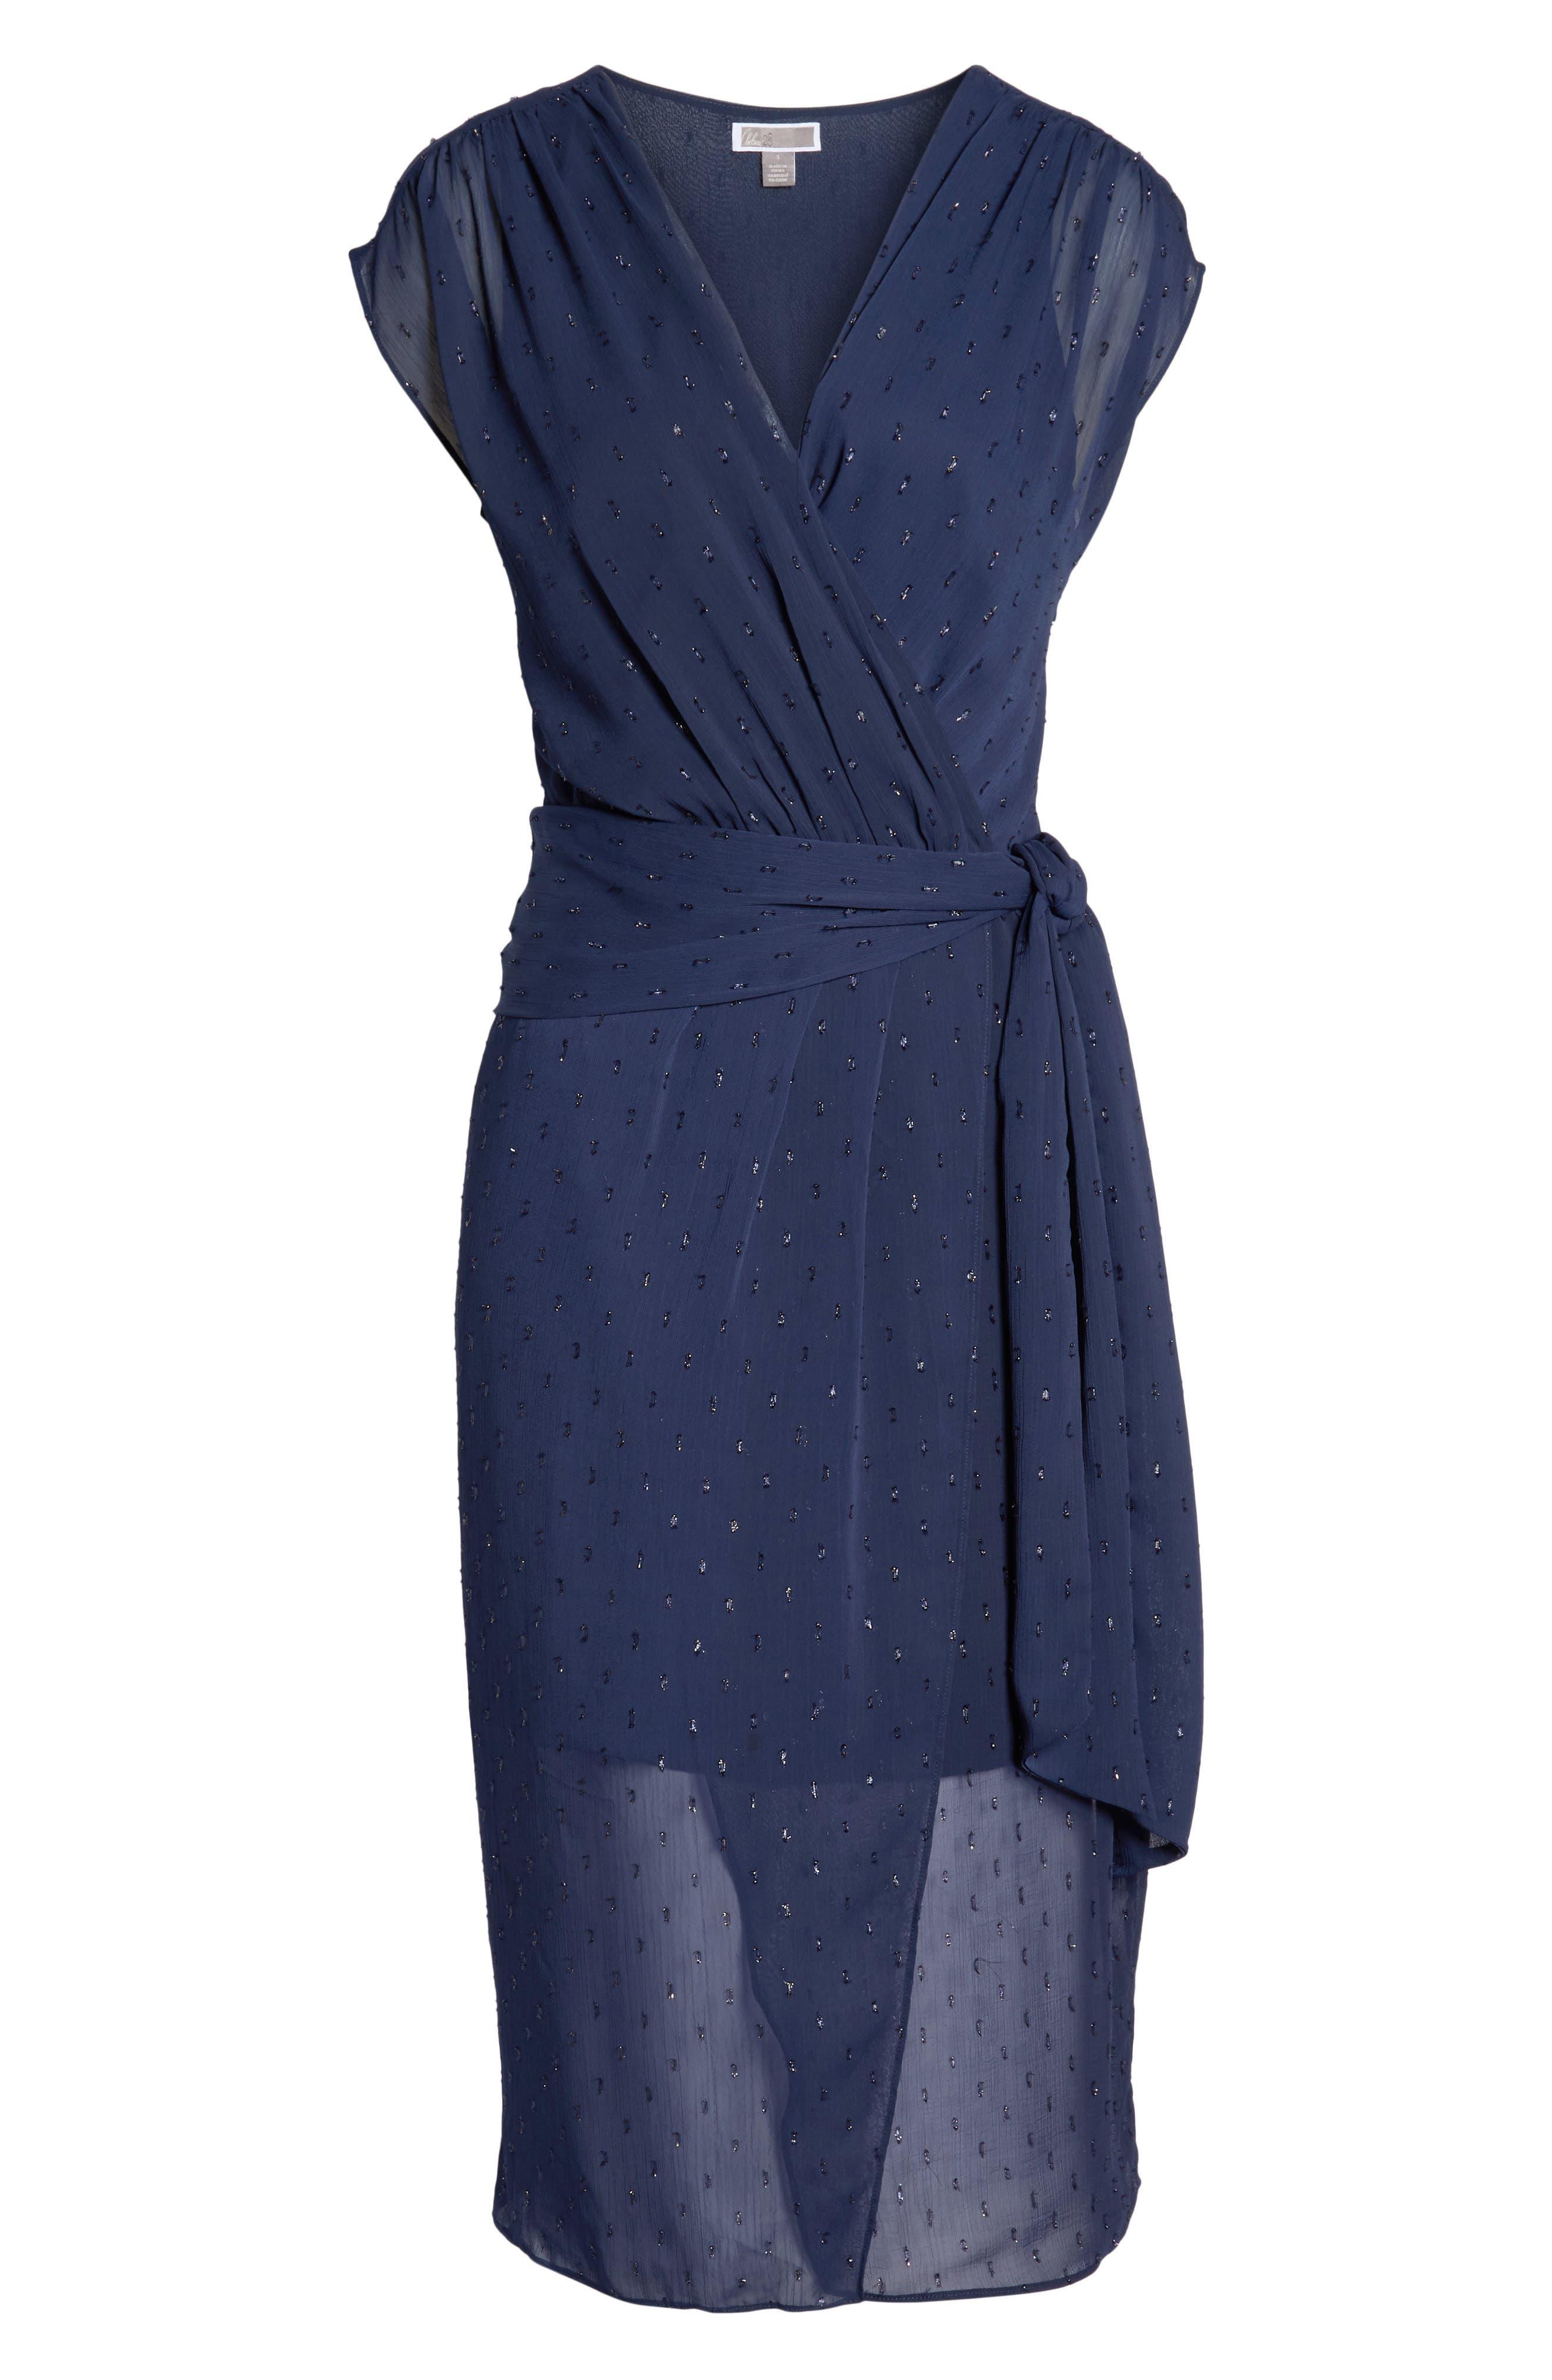 CHELSEA28,                             Fil Coupé Wrap Dress,                             Alternate thumbnail 8, color,                             NAVY SAPPHIRE CLIPDOT